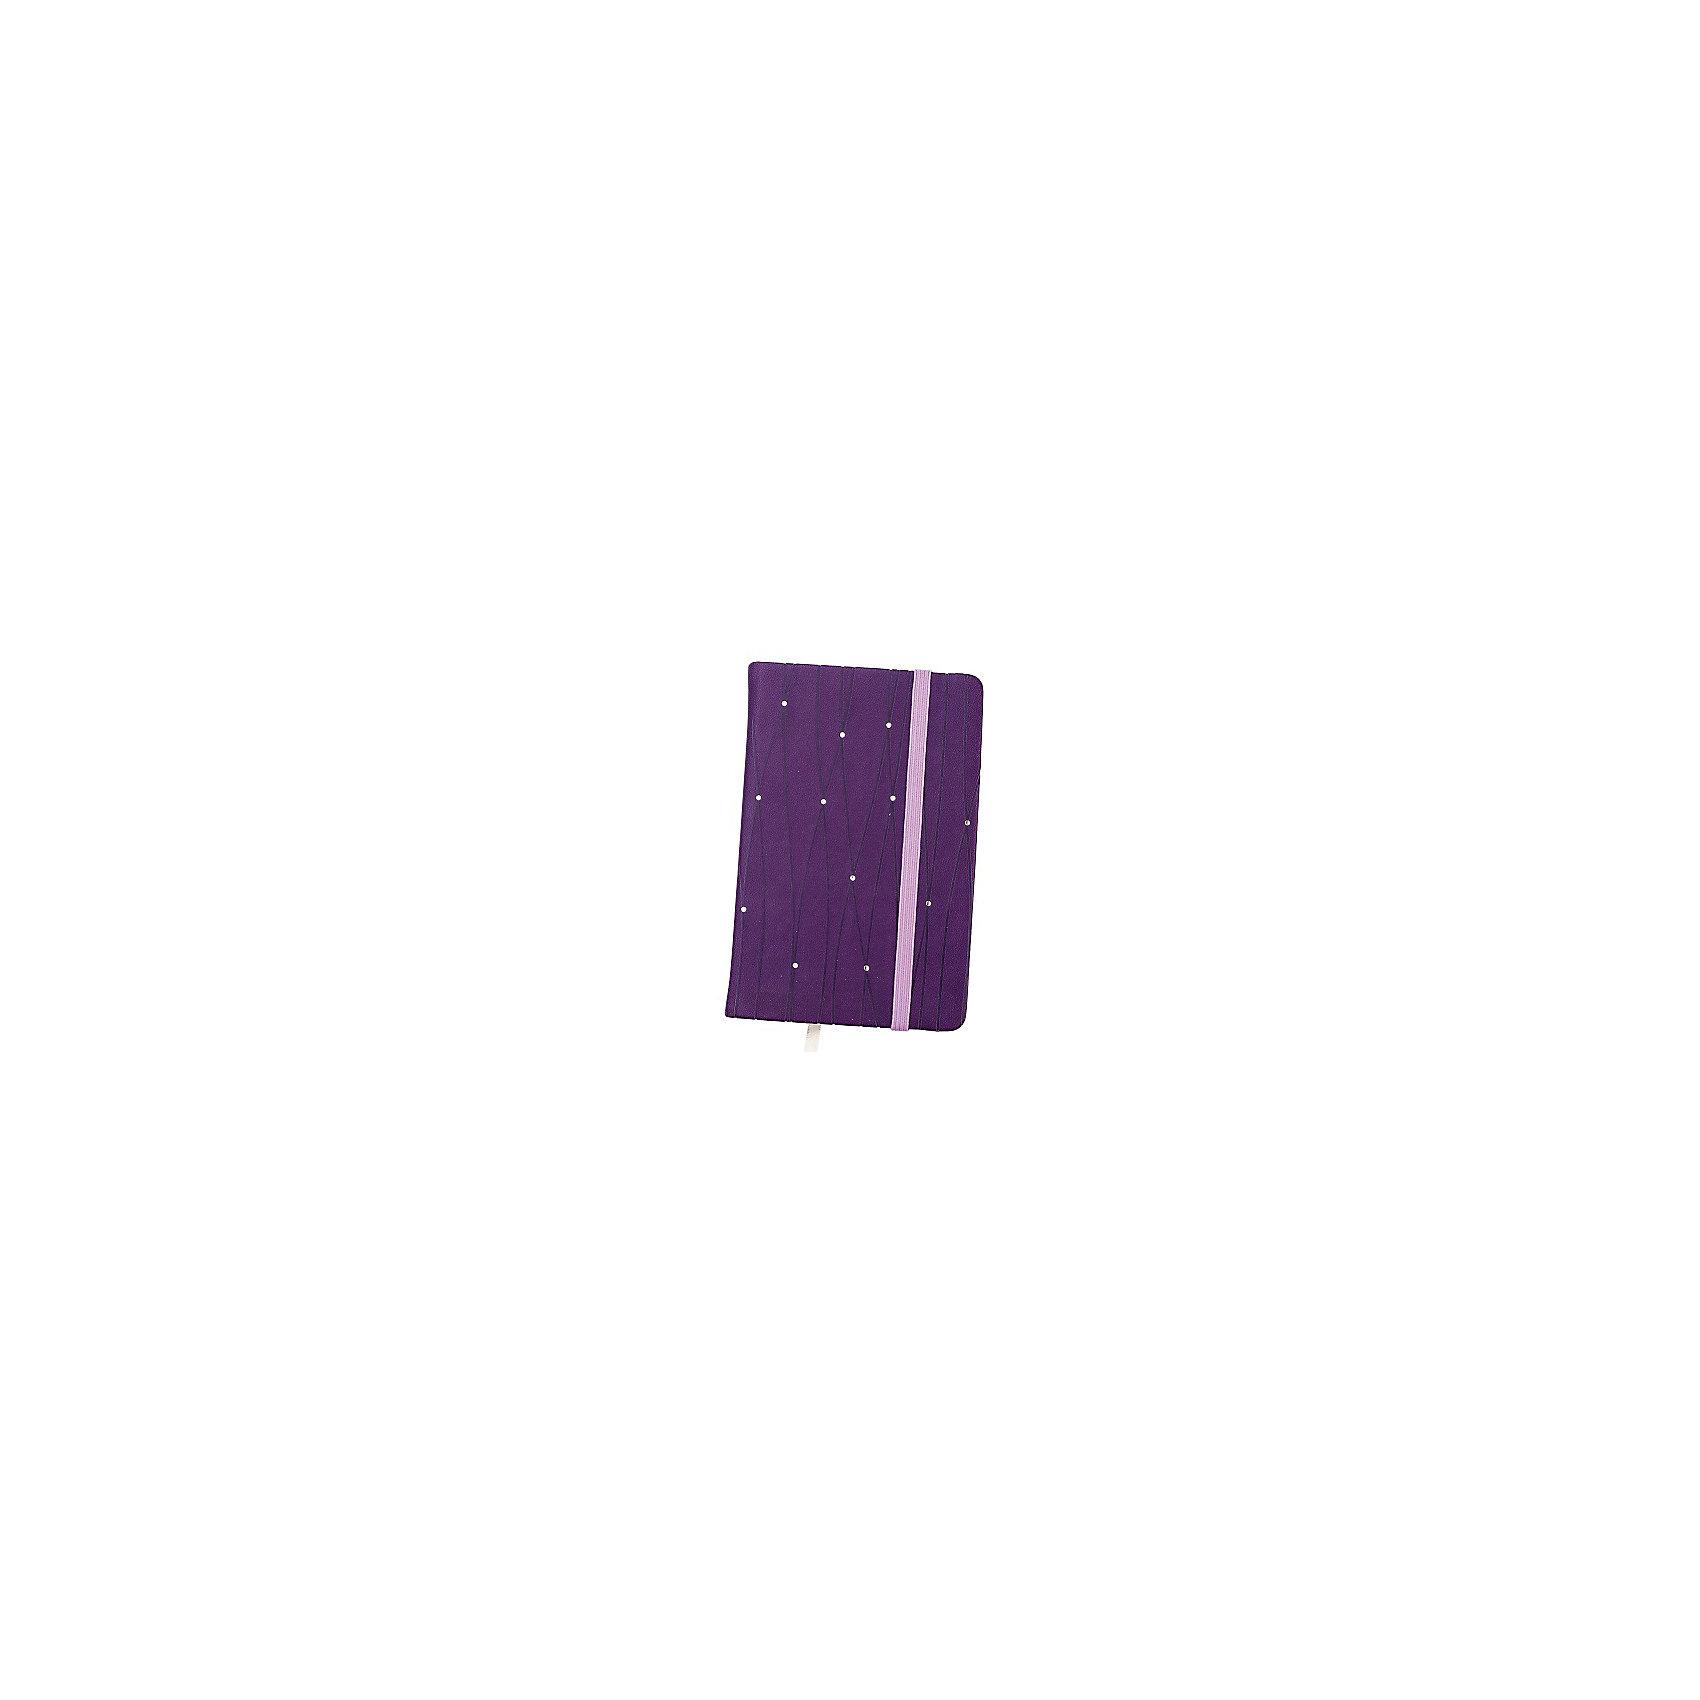 Centrum Блокнот 95х140 мм., 96 листов, клетка, ассортиБлокноты и ежедневники<br>Блокнот, 143*93 мм,96 листов в клетку, плотность 70 г./кв. м. Обложка искусственная кожа с тиснением и стразами, твердый переплет, фиксирующая резинка. Ассорти<br><br>Ширина мм: 143<br>Глубина мм: 93<br>Высота мм: 18<br>Вес г: 150<br>Возраст от месяцев: 72<br>Возраст до месяцев: 2147483647<br>Пол: Женский<br>Возраст: Детский<br>SKU: 6846722